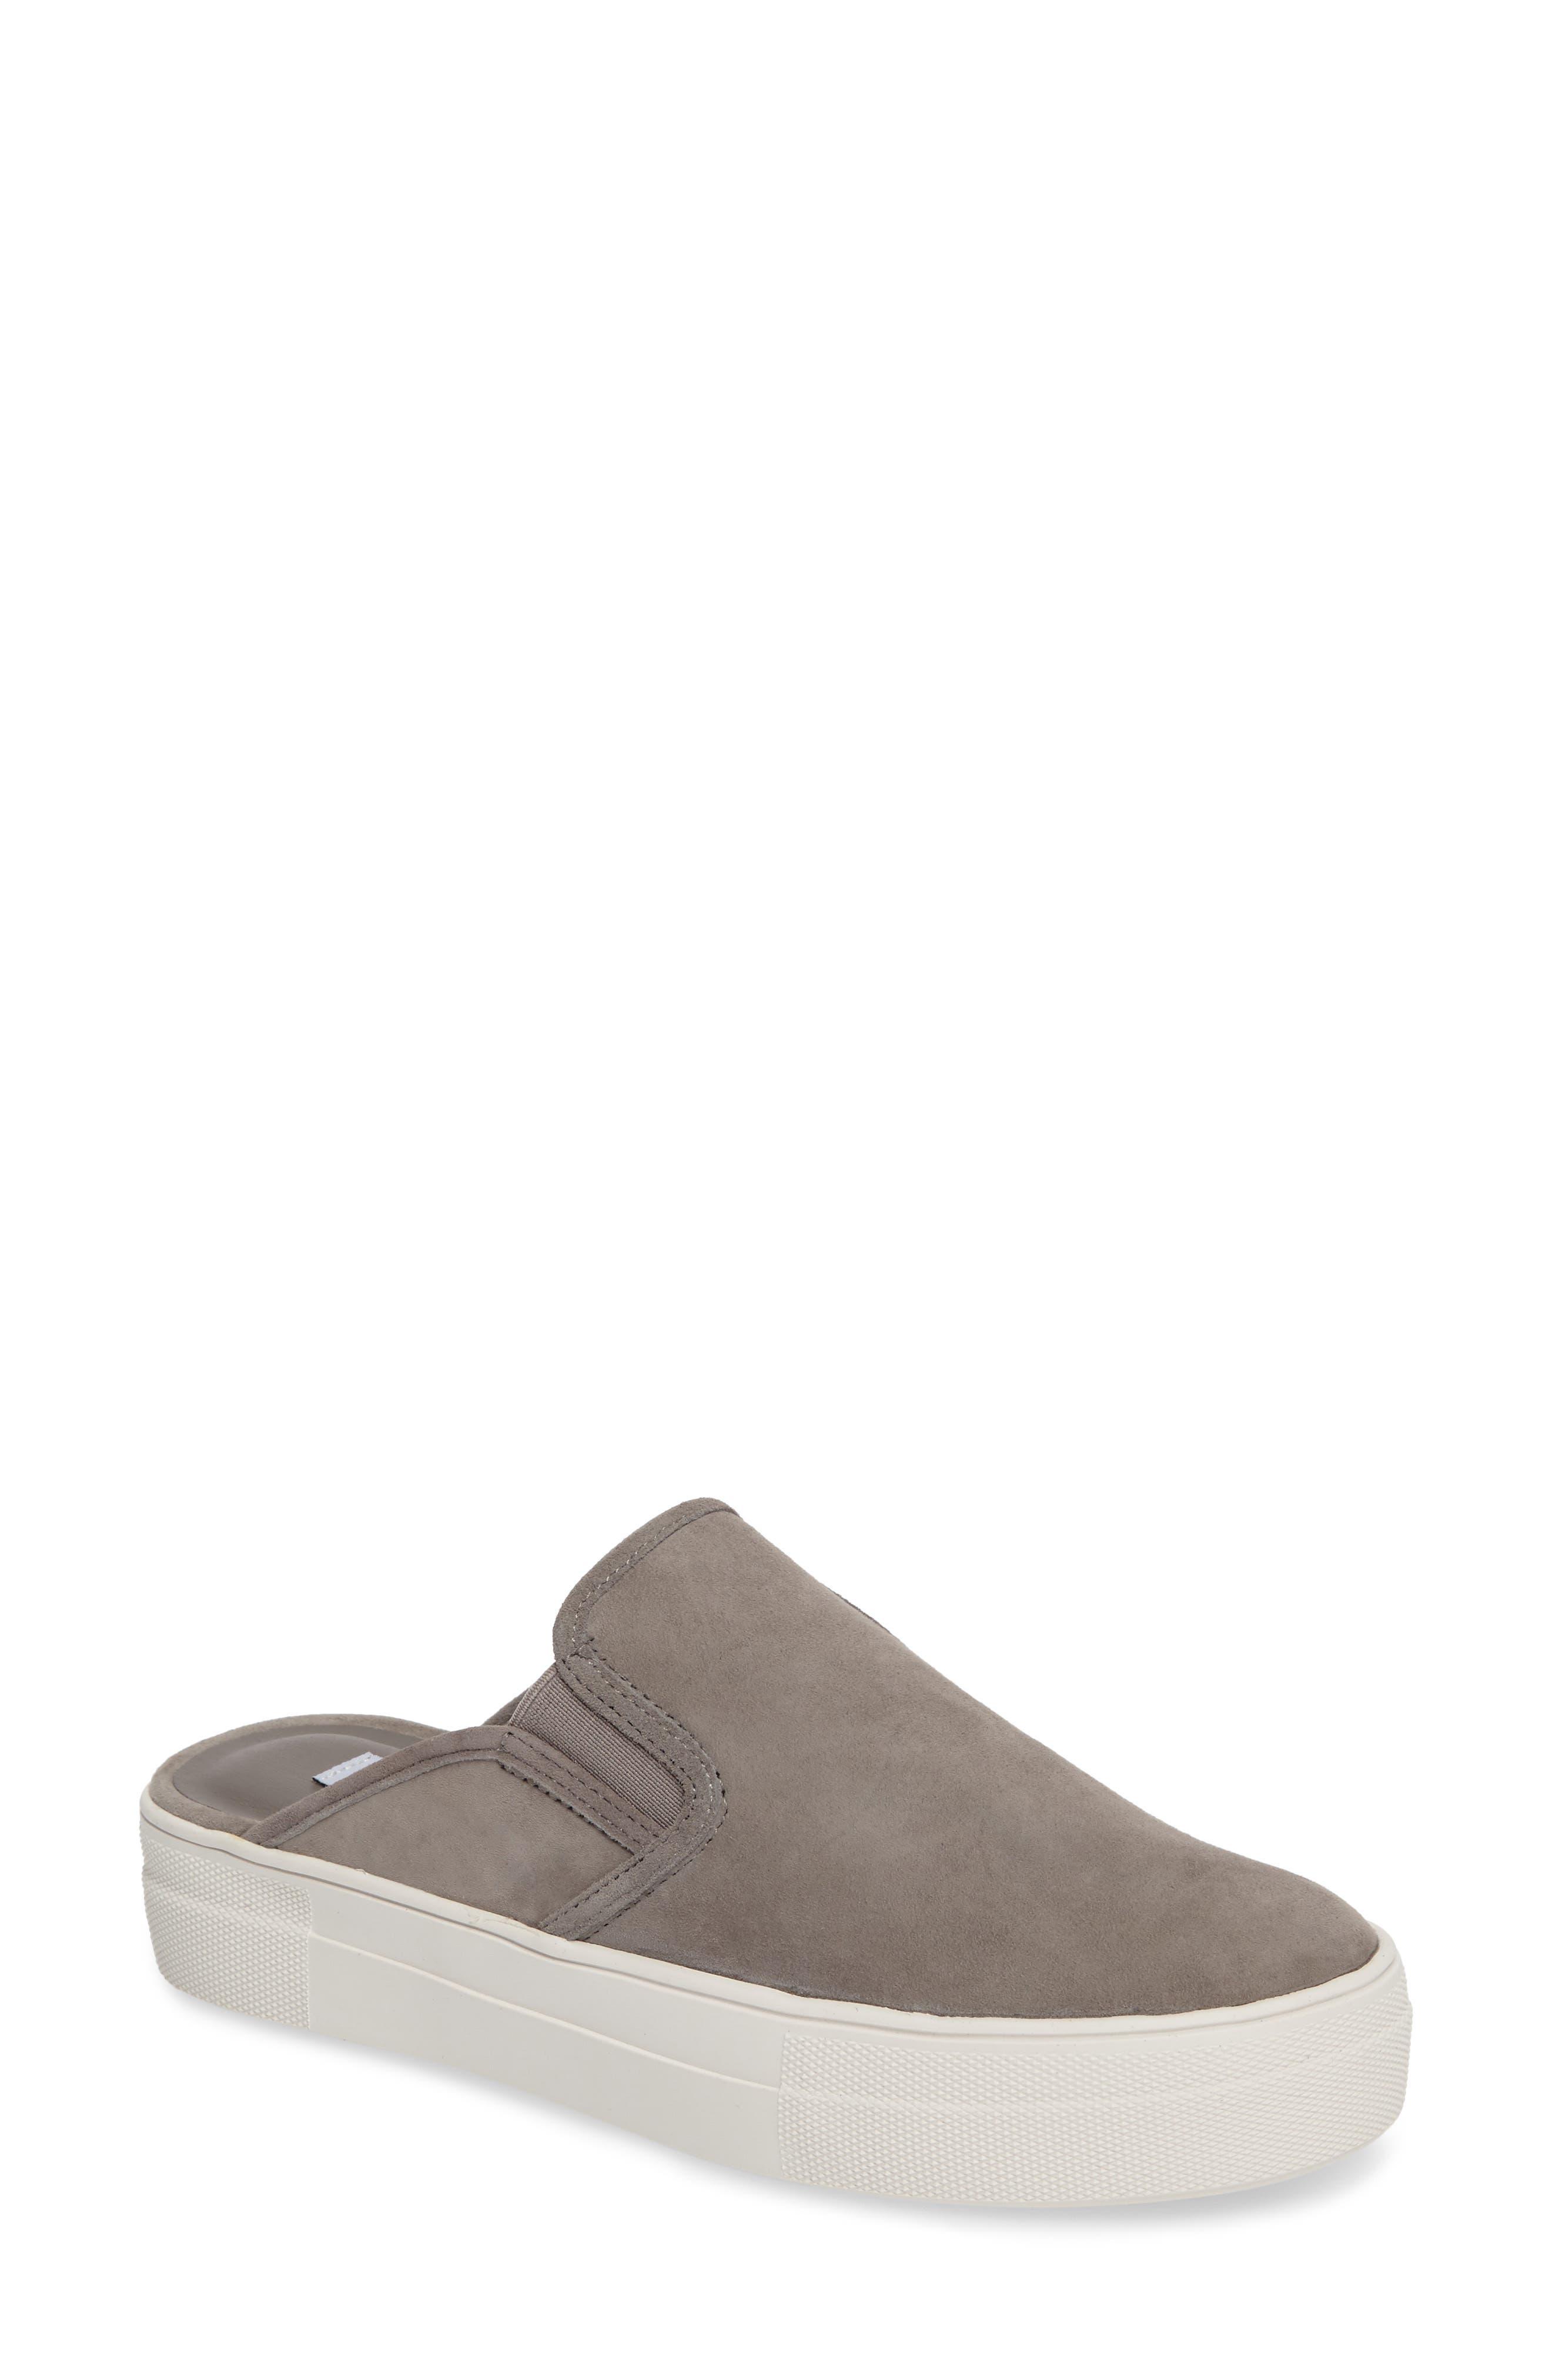 Steve Madden Glenda Sneaker Mule (Women)